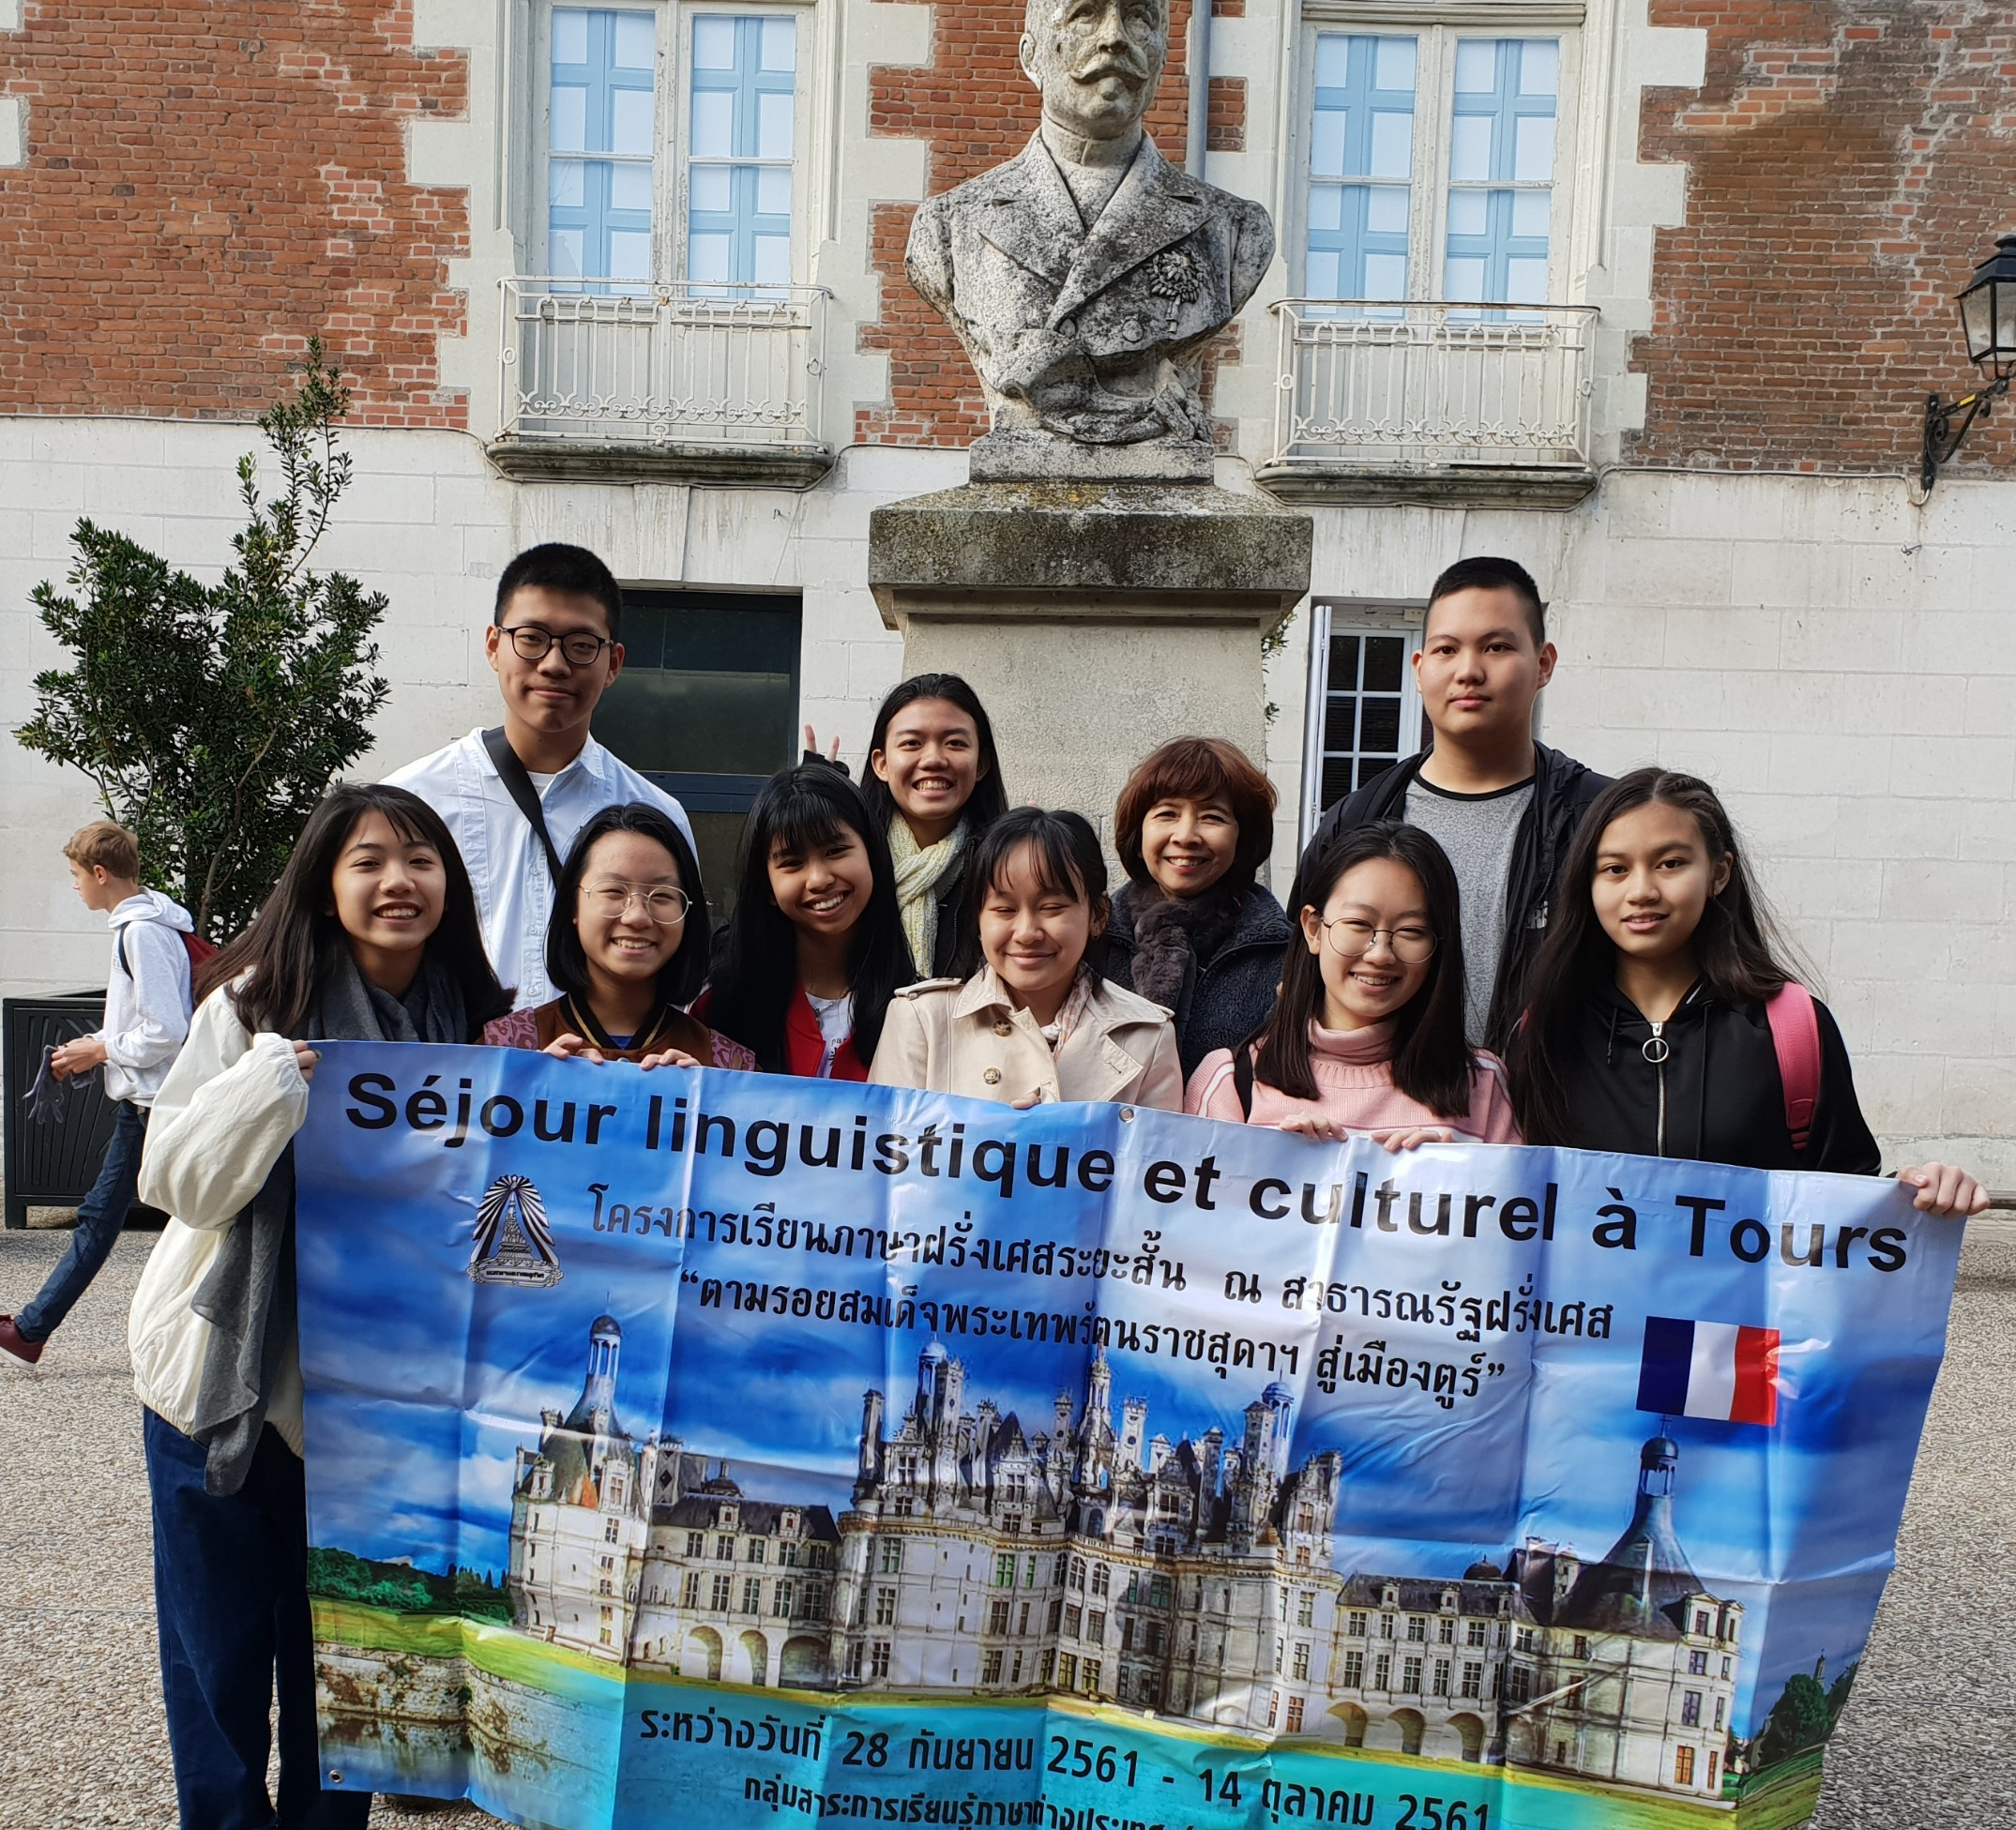 นักเรียนโรงเรียนมัธยมวัดนายโรงเข้าร่วมโครงการเรียนภาษาฝรั่งเศสระยะสั้น ณ ที่เมืองตูร์ สาธารณรัฐฝรั่งเศส